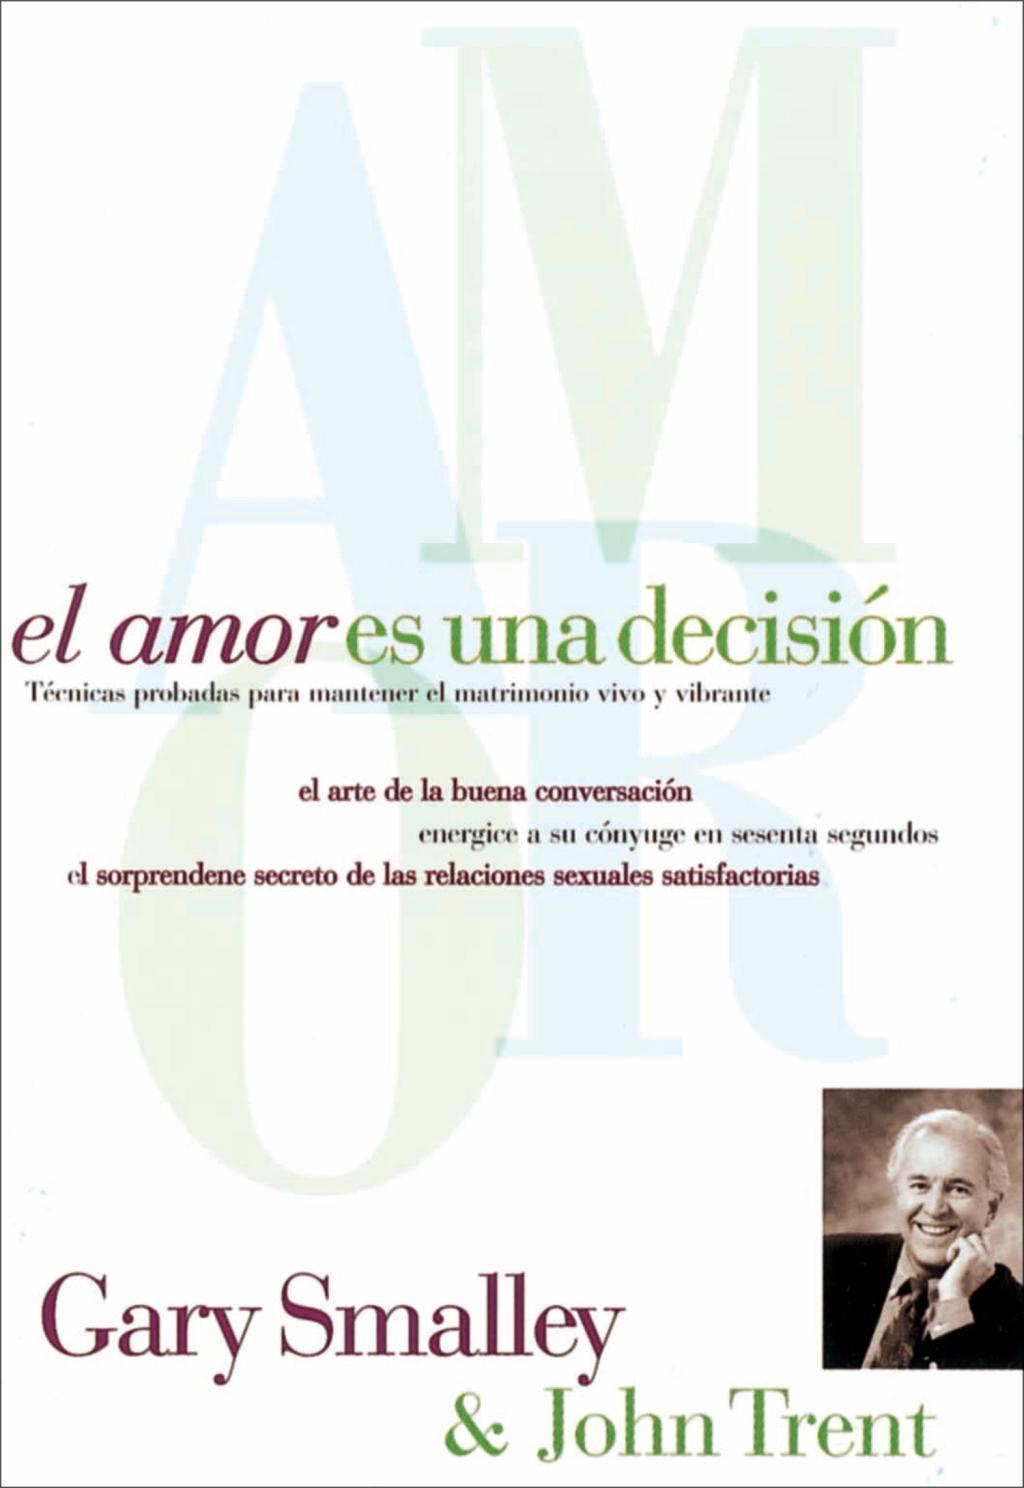 El amor es una decisión